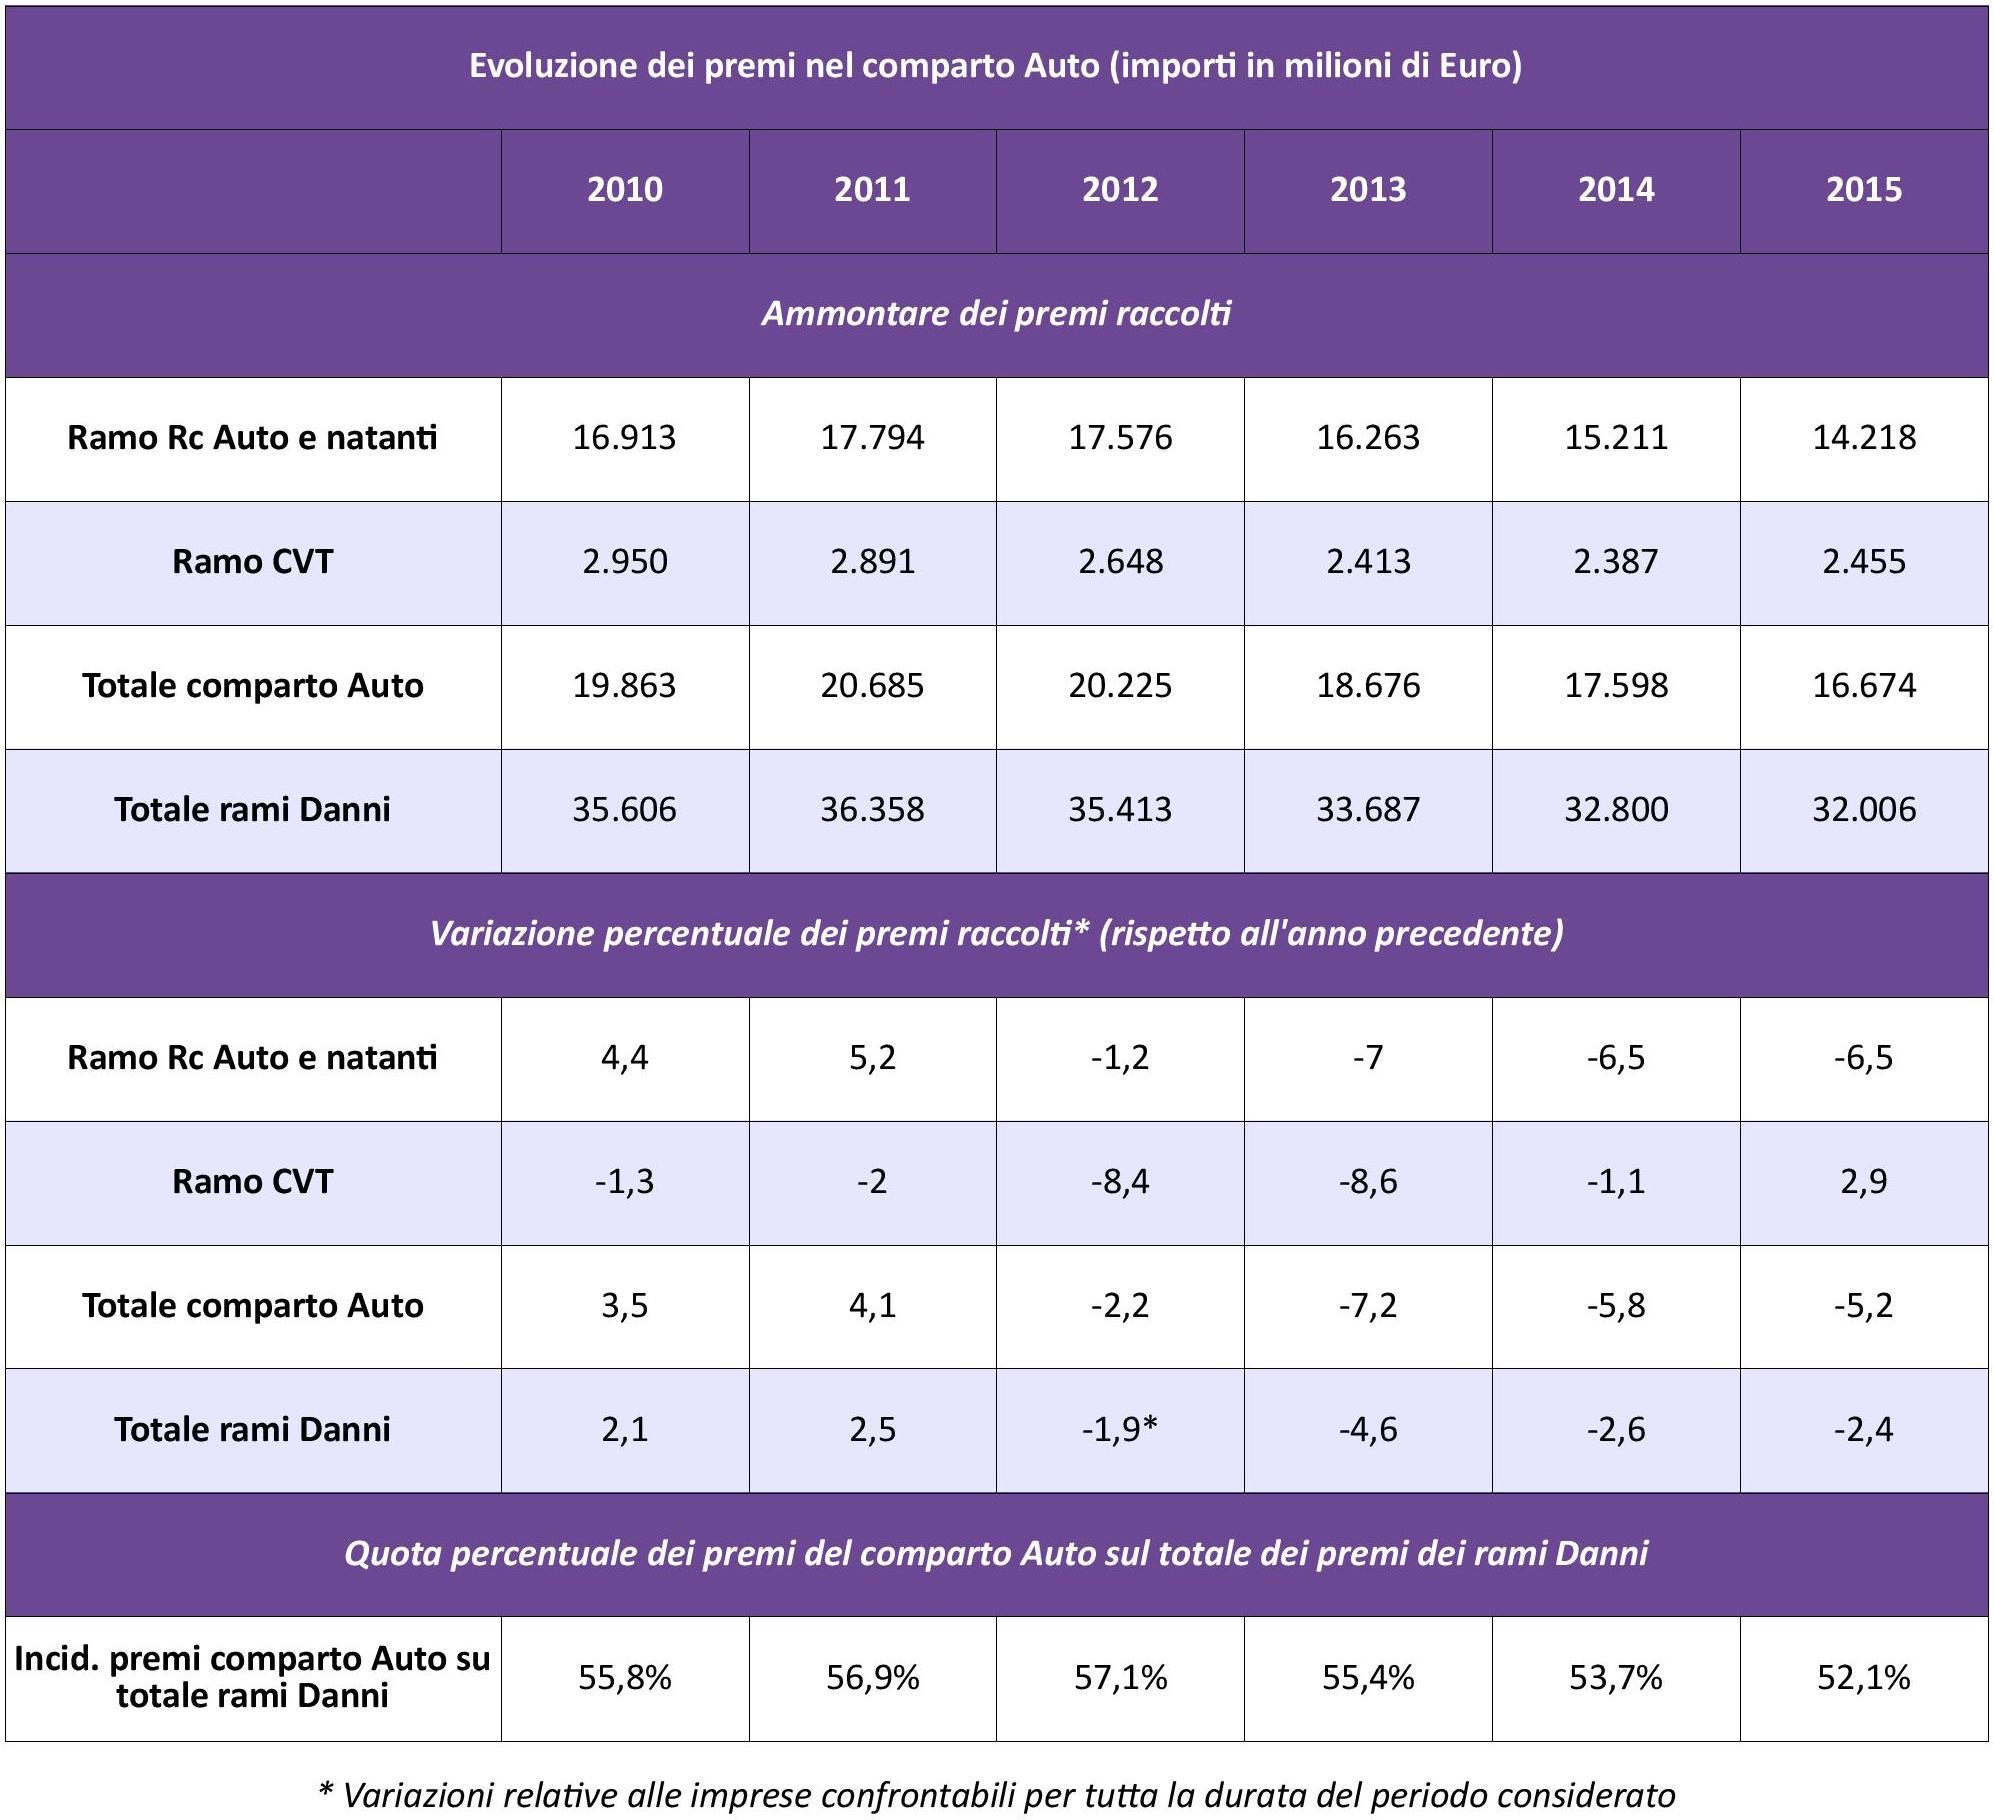 IVASS - Statistiche Auto 2015 - Tab. 1 - Evoluzione Premi IMC